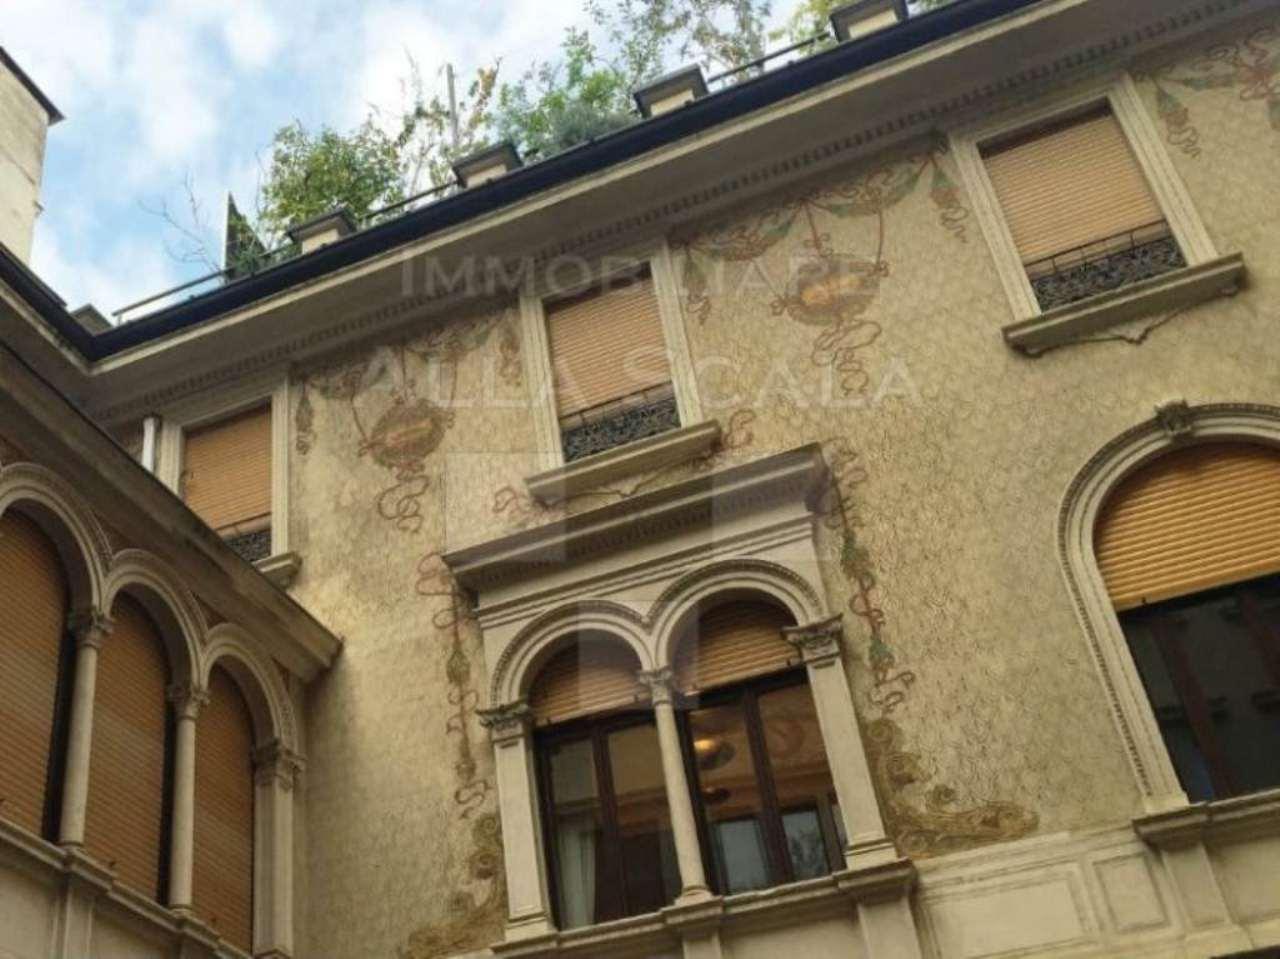 Appartamento in vendita a milano via nerino for Vendita case milano centro